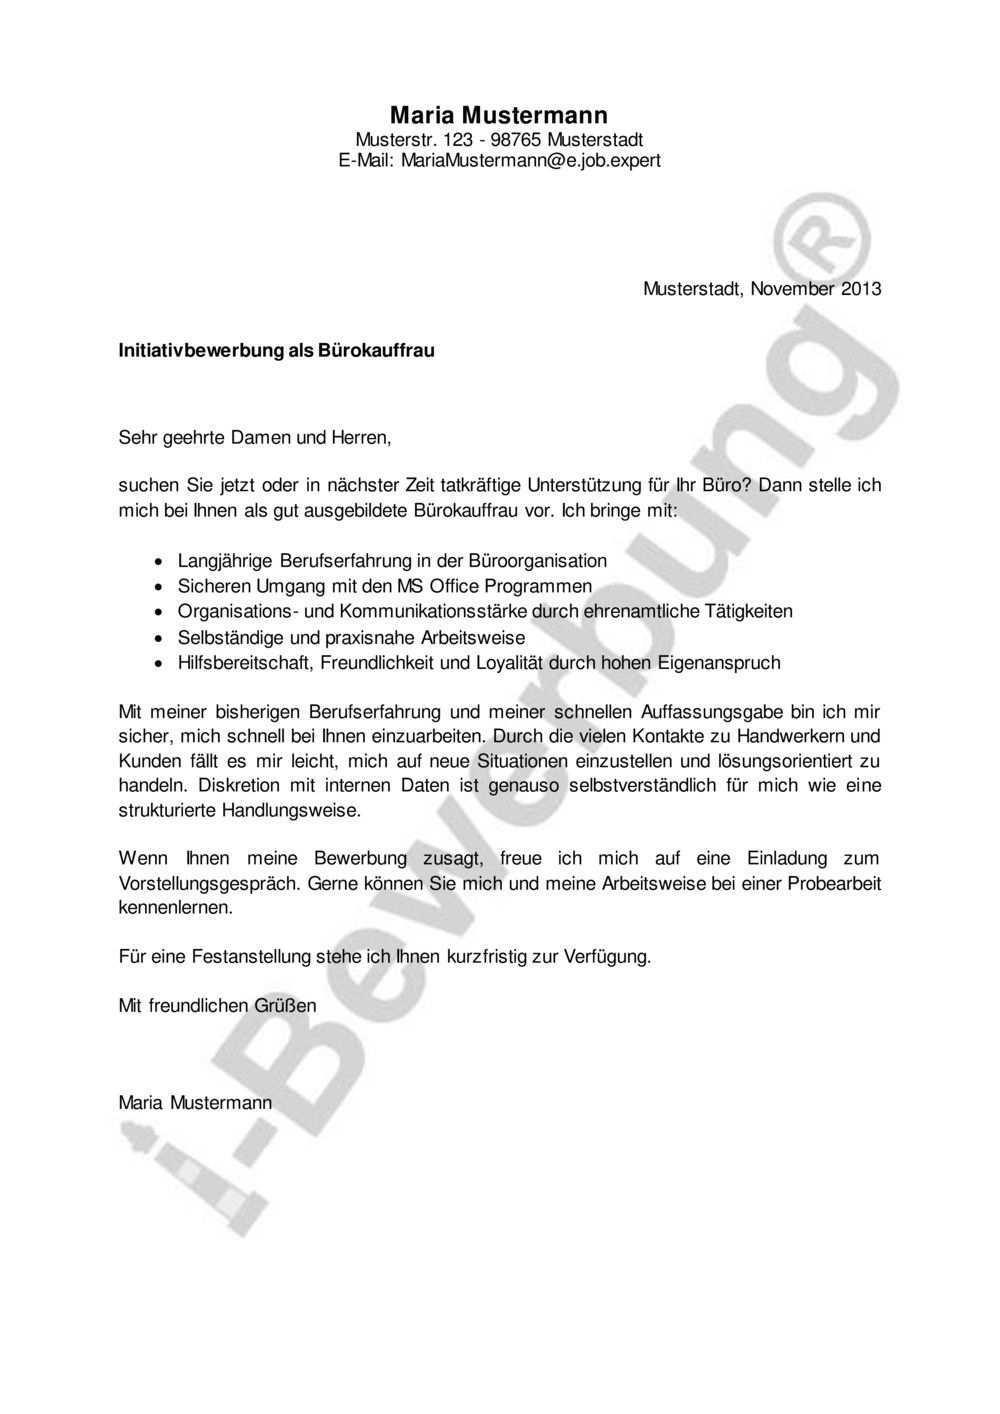 Initiativbewerbung Als Burokauffrau Beispiel Fur Das Anschreiben In 2020 Bewerbung Anschreiben Muster Bewerbung Bewerbung Anschreiben